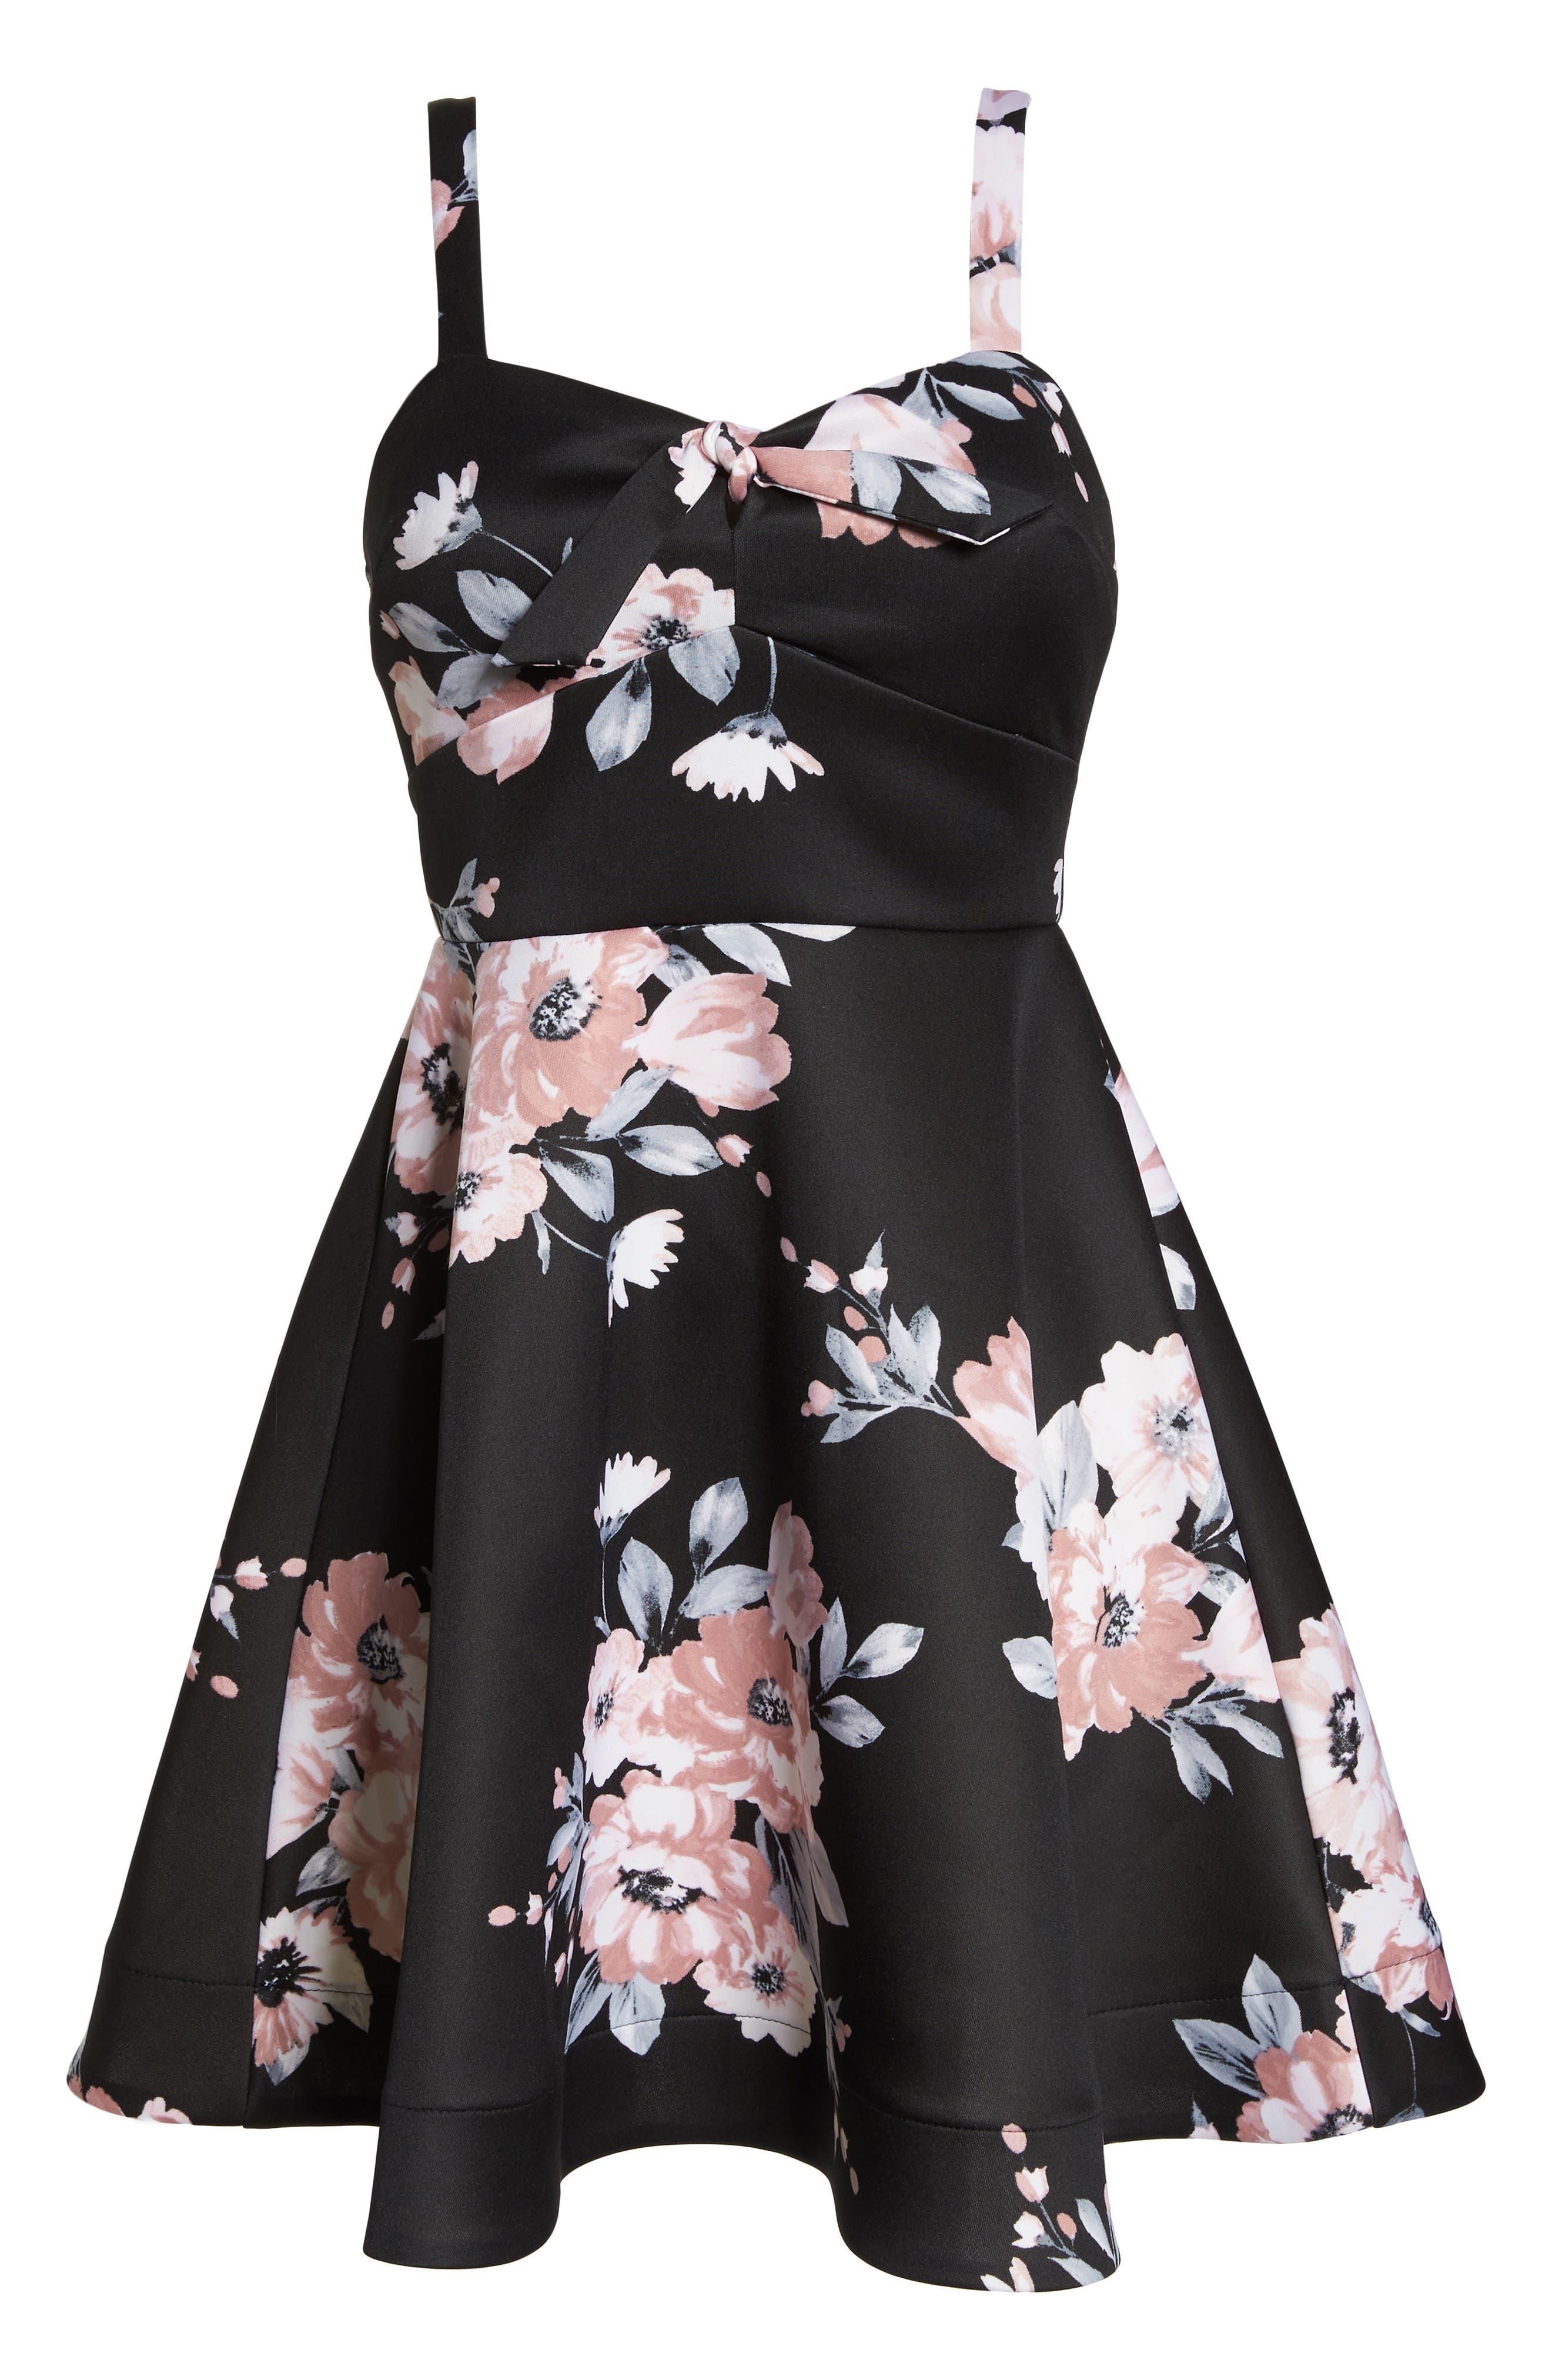 Floral Print Fit & Flare Dress,                             Alternate thumbnail 6, color,                             BLACK/ MAUVE